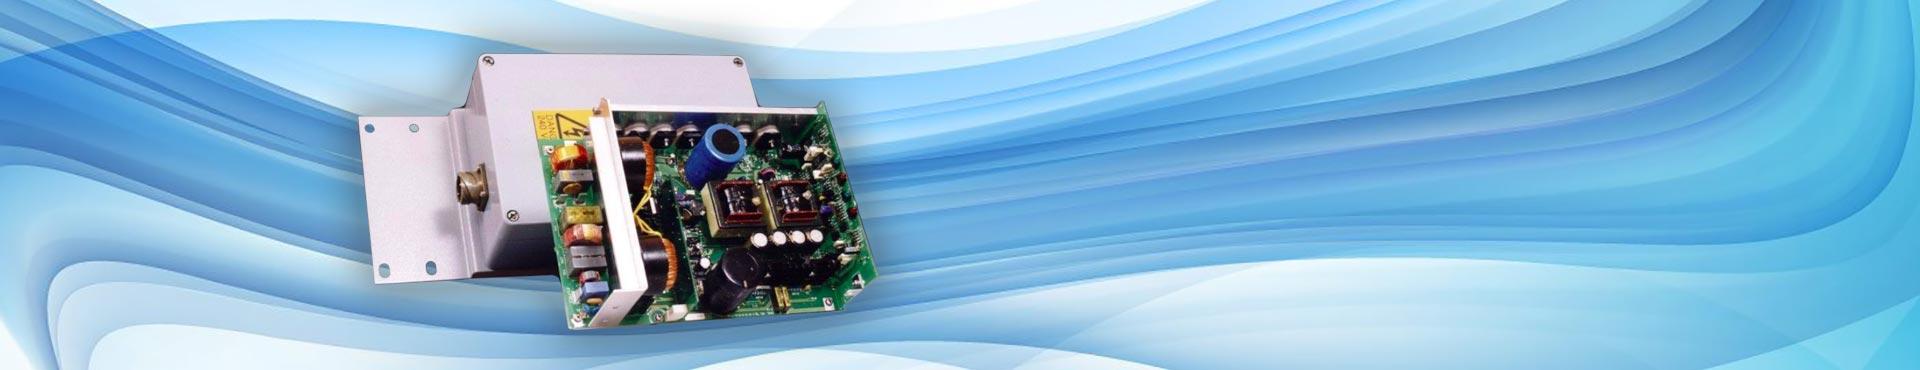 conexiones-condal-slide-370-02